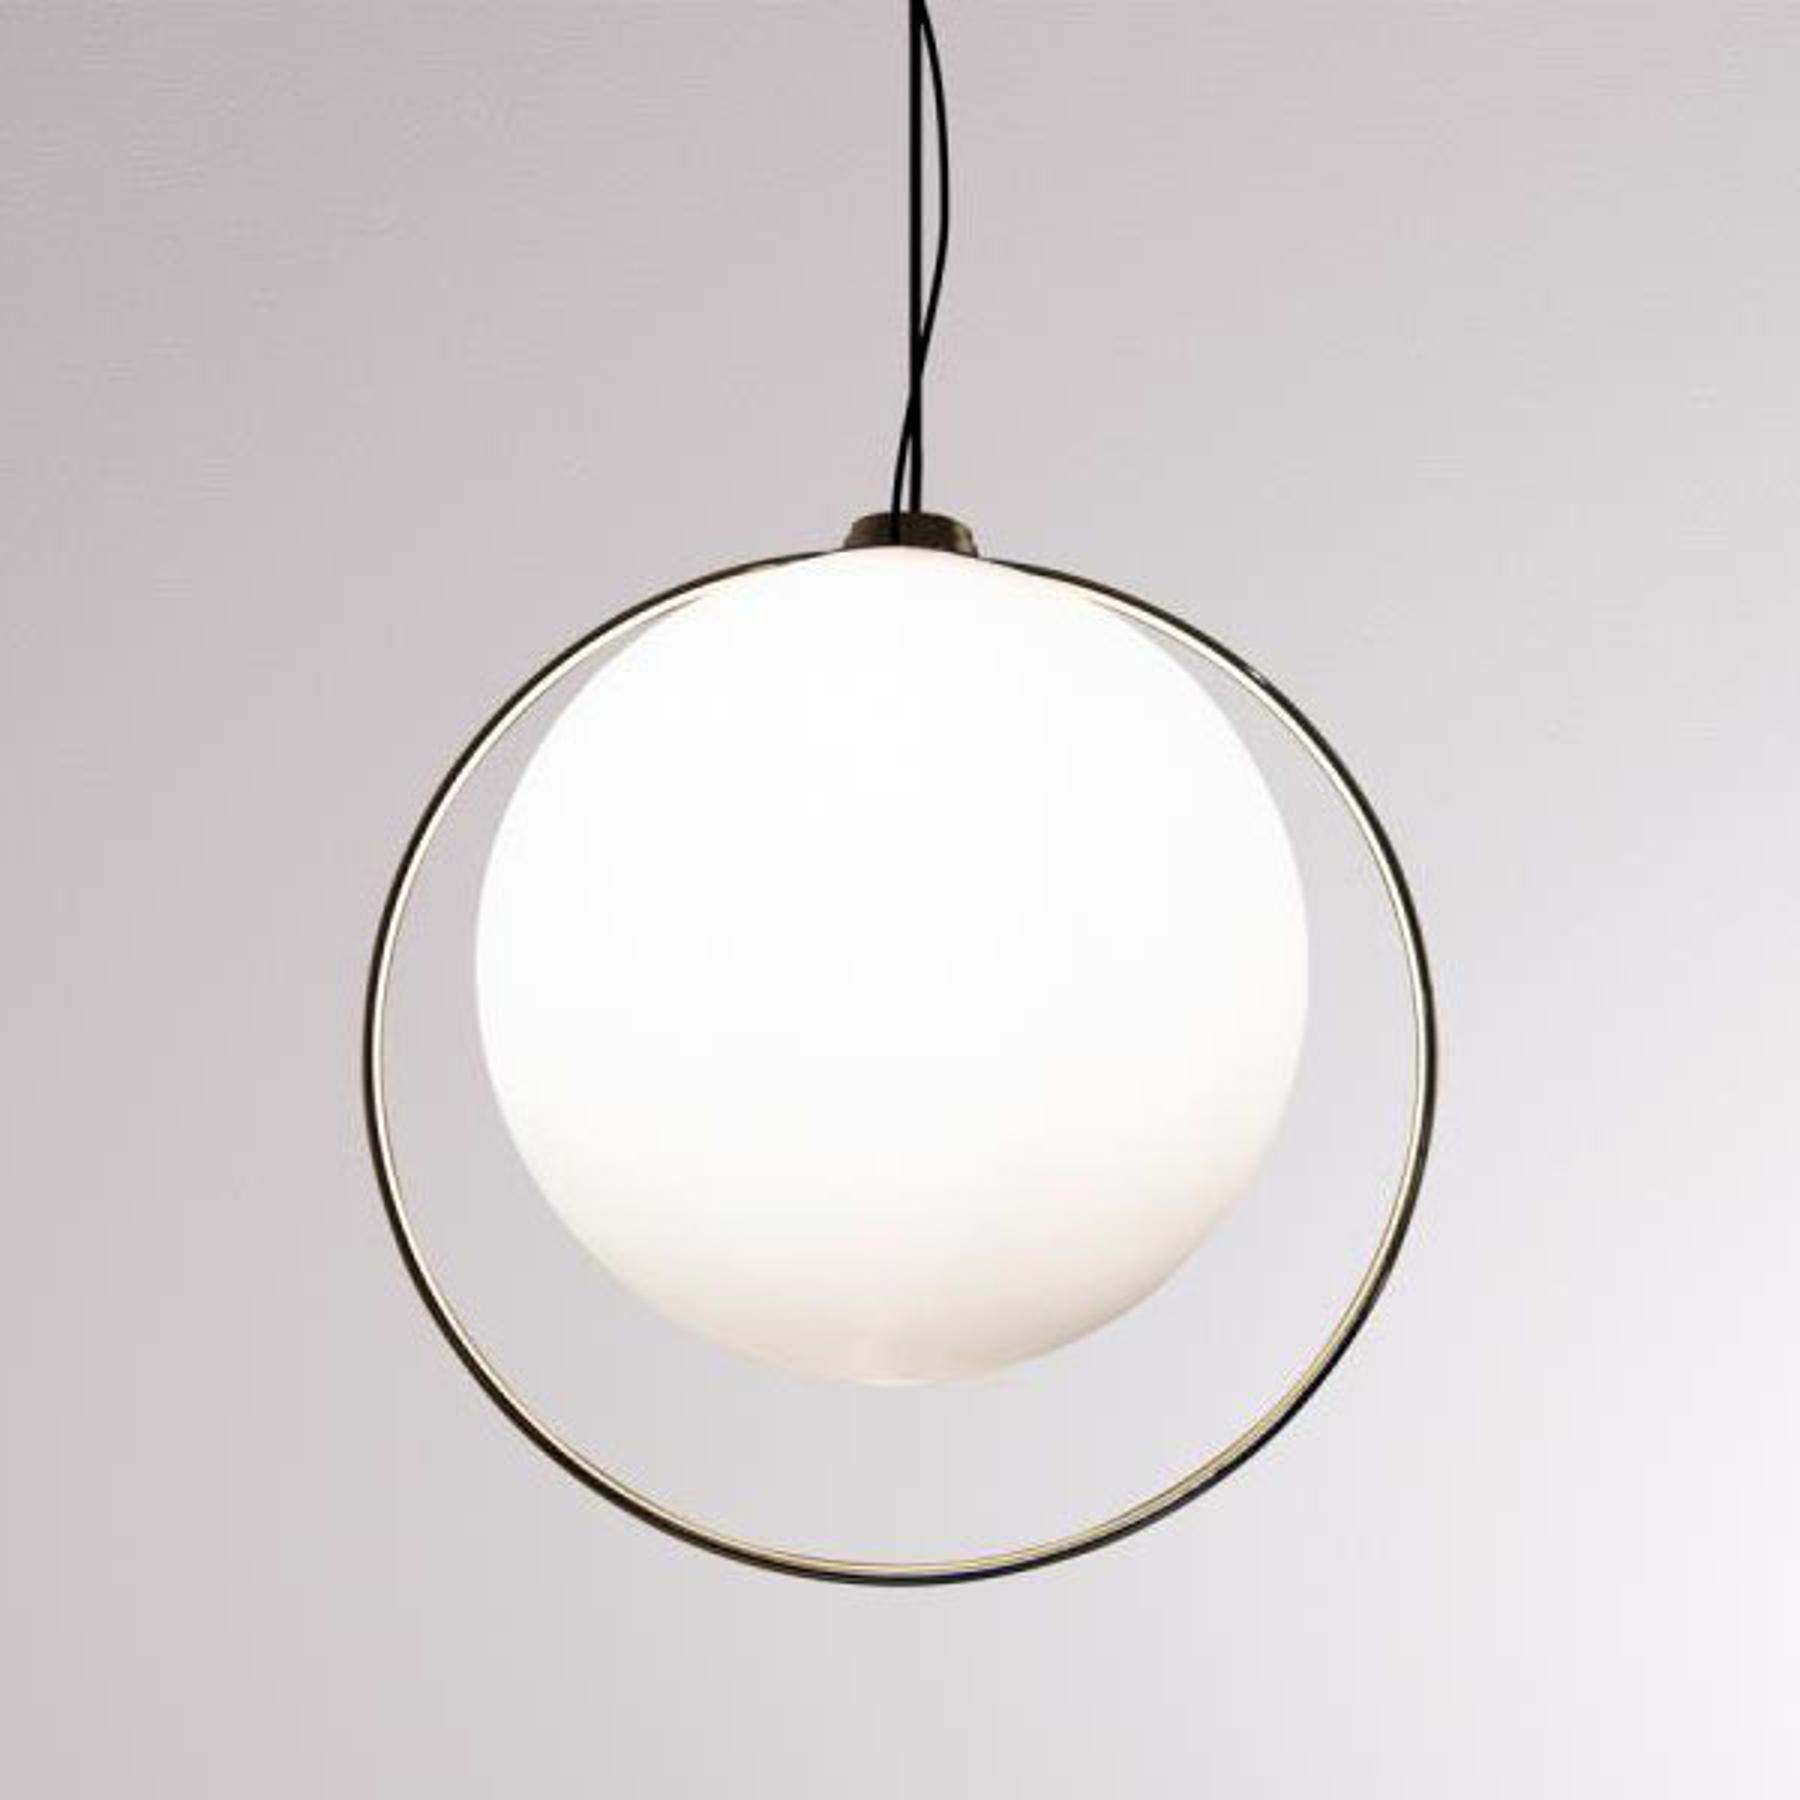 LOUM Tycho lampa wisząca z mosiężnym pierścieniem